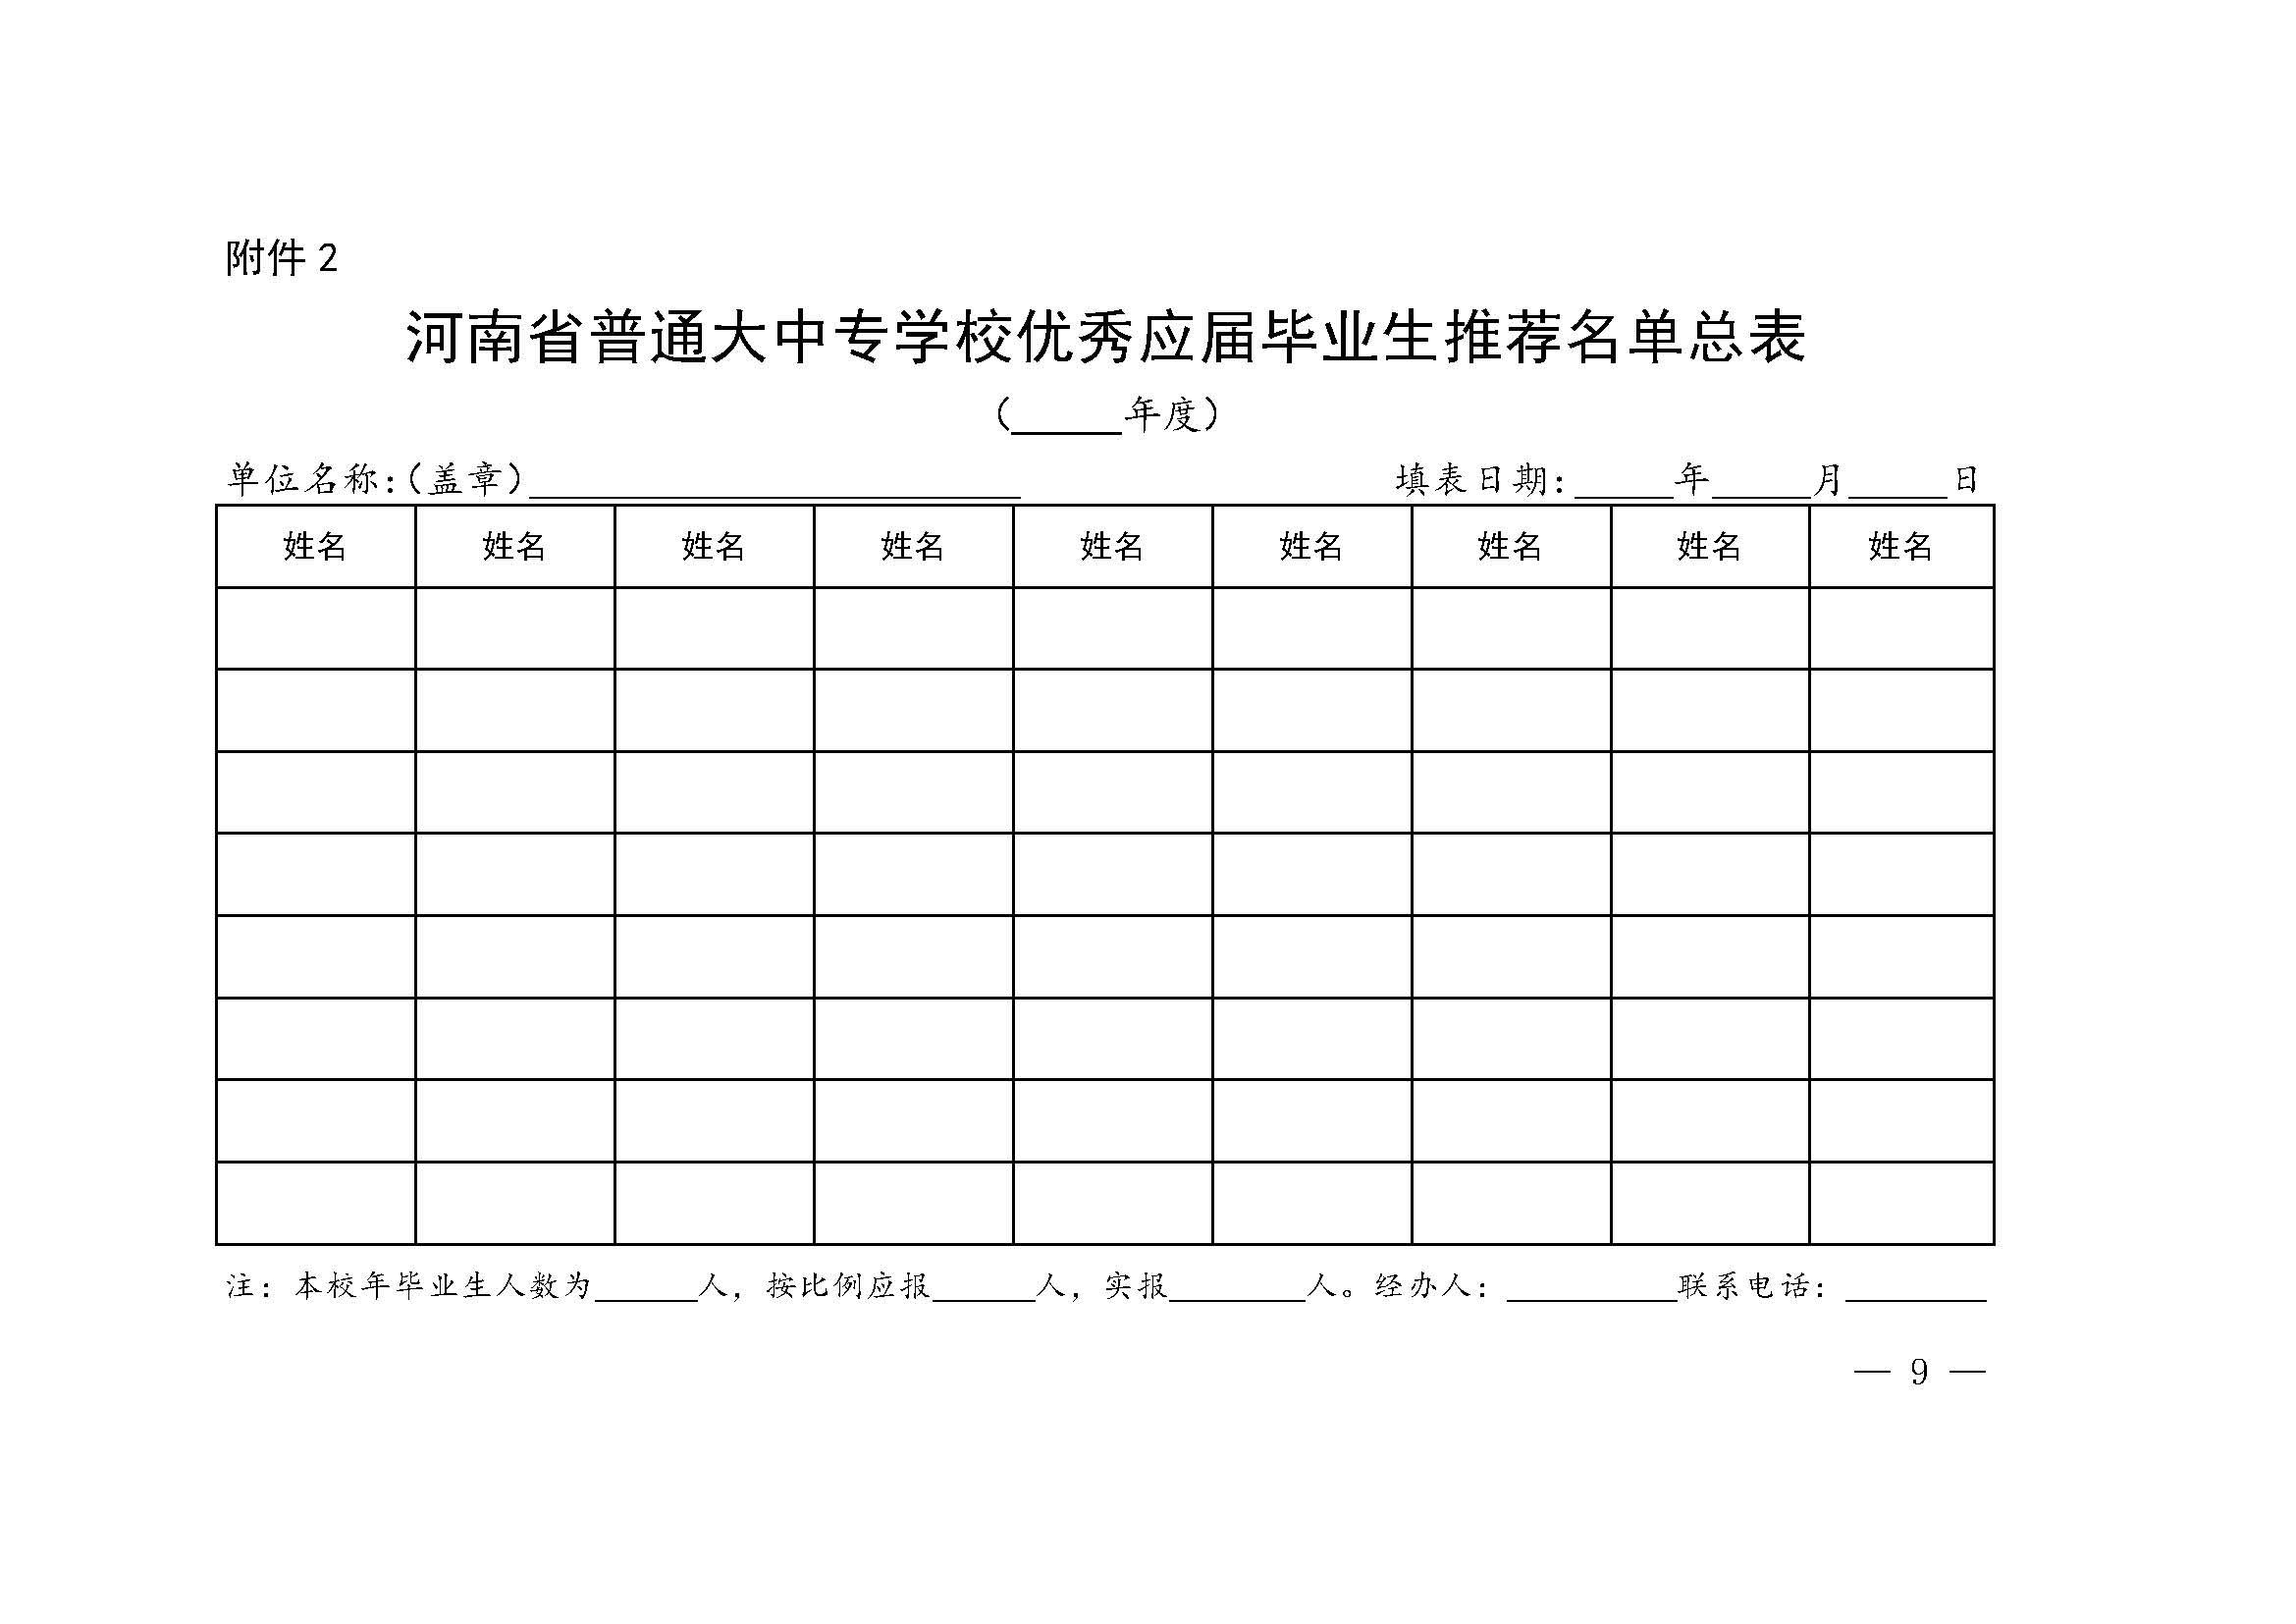 河南省教育厅办公室关于评选河南省普通大中专学校2021年优秀应届毕业生的通知_页面_09.jpg